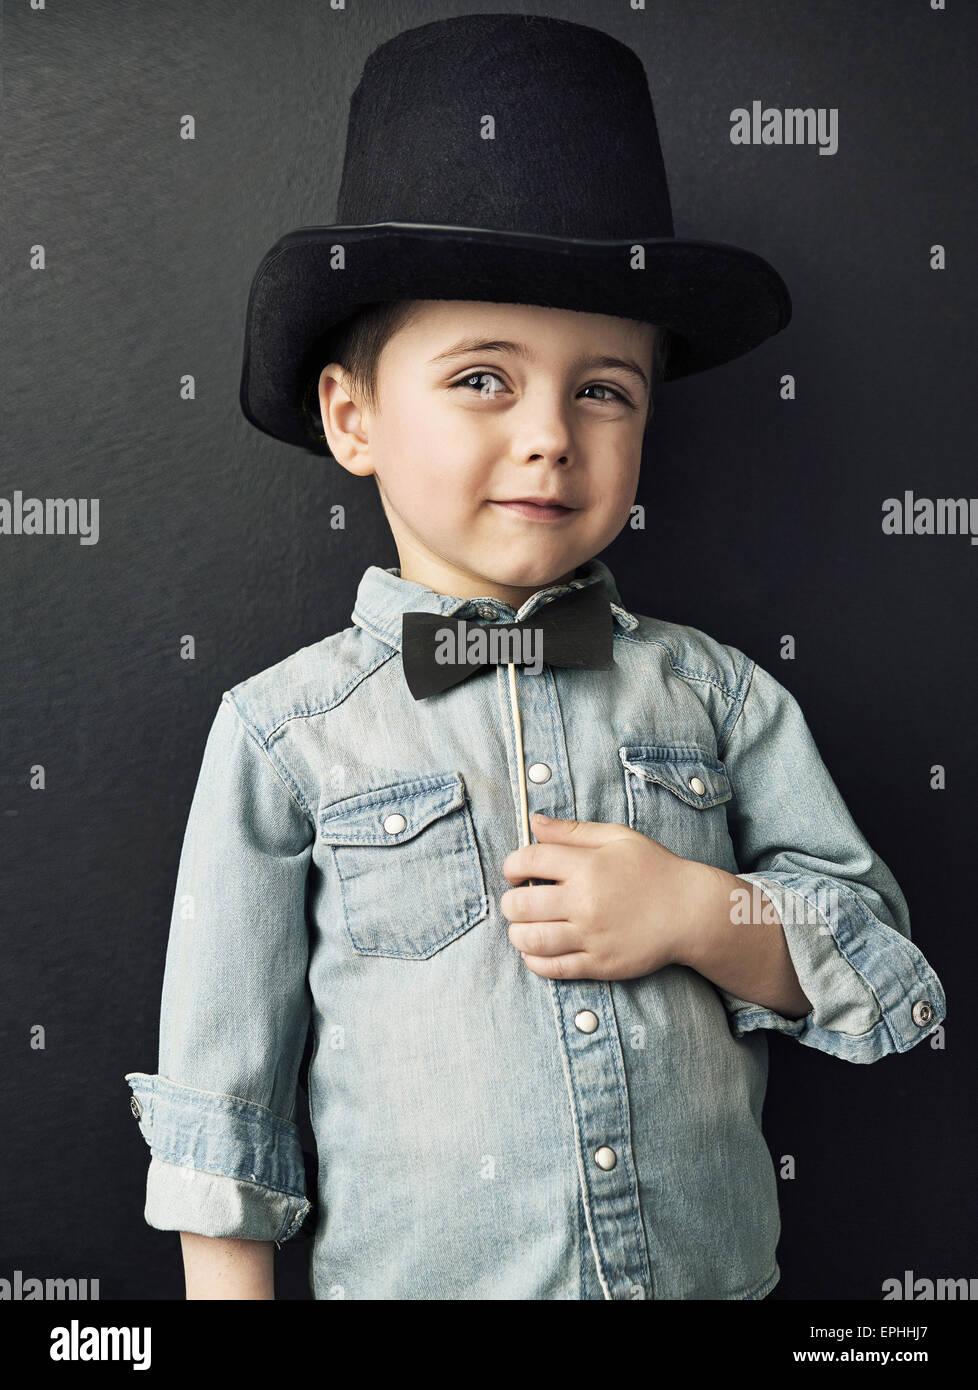 Image style vintage d'un jeune garçon Photo Stock